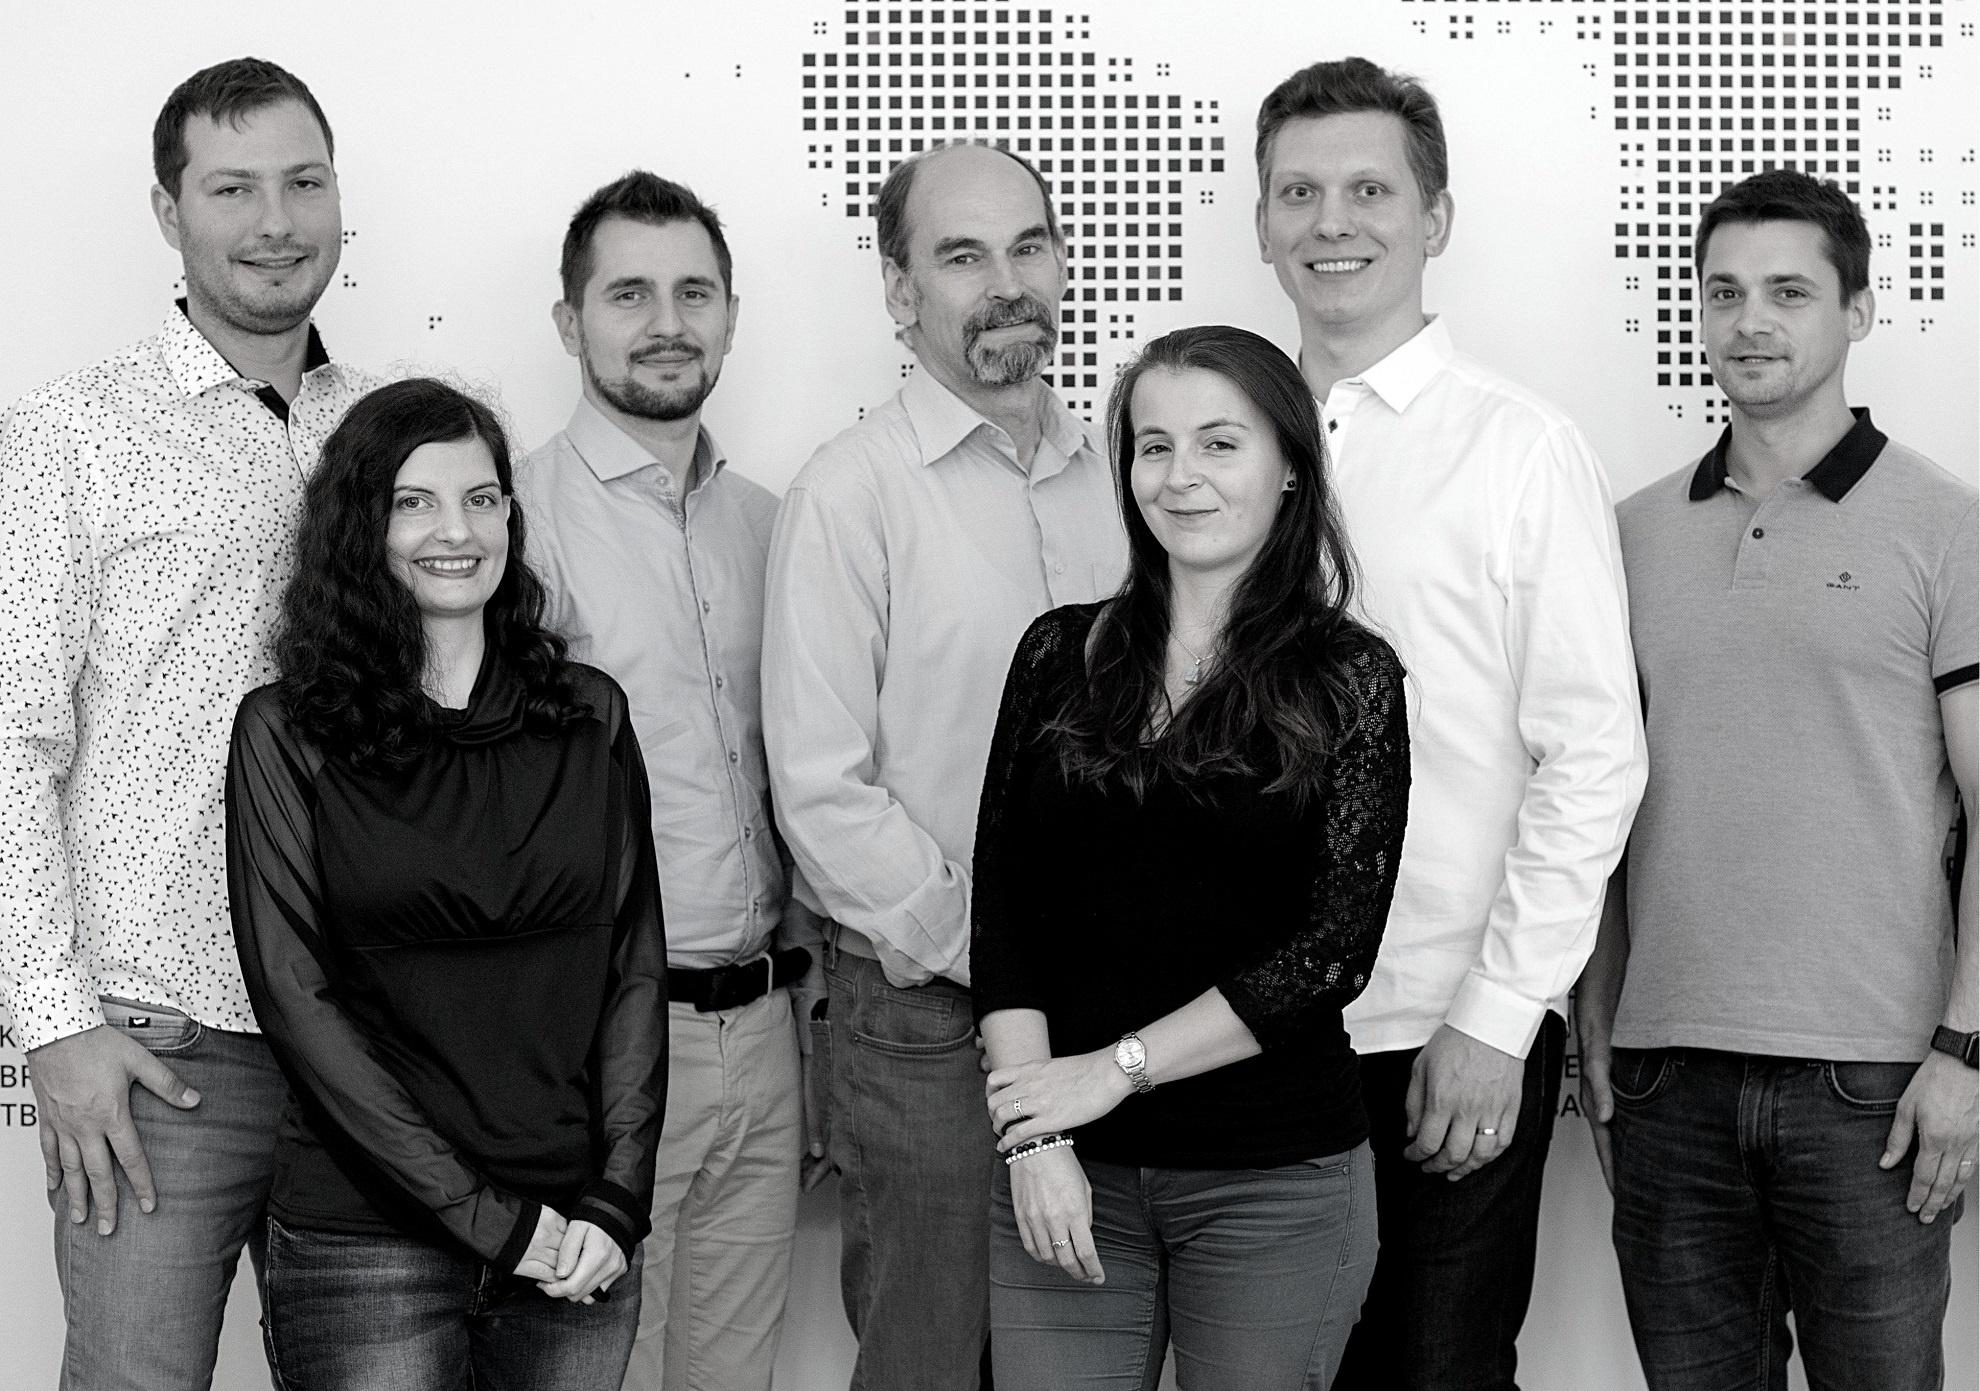 Insightee Team